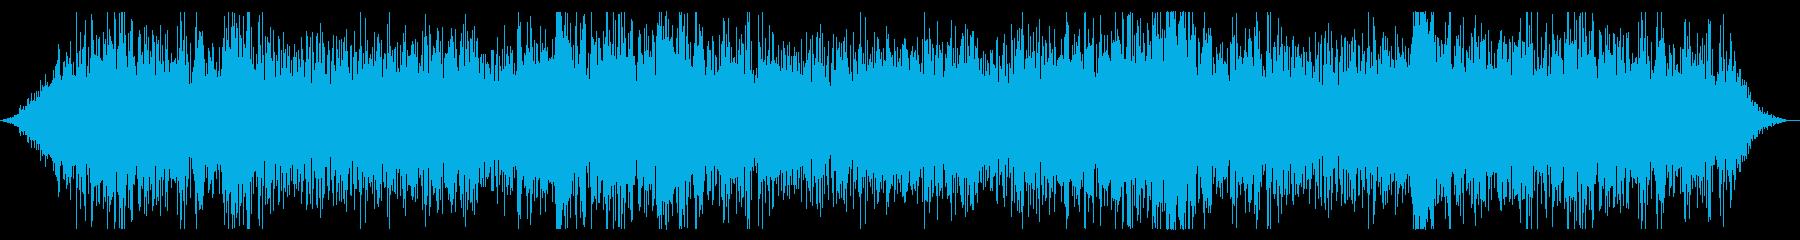 小さな地震:光破壊と岩のスライドの再生済みの波形